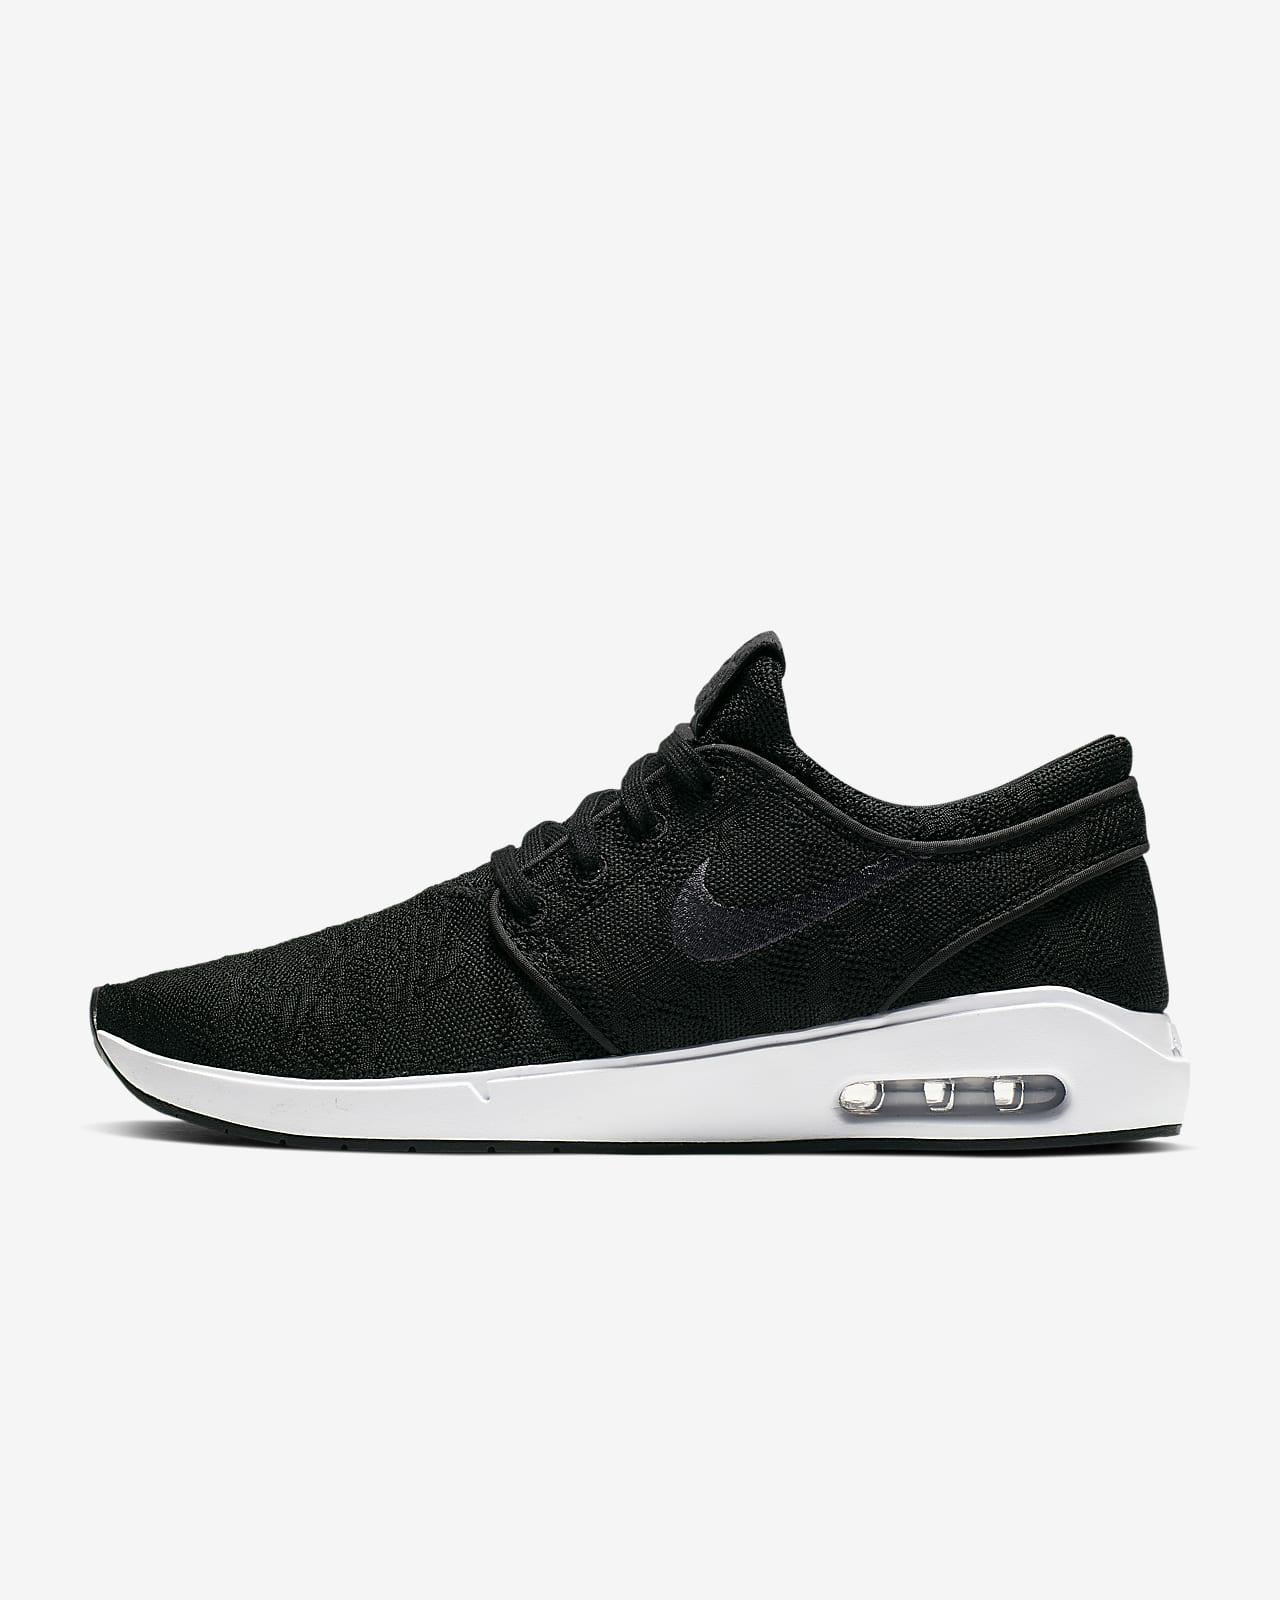 Nike SB Air Max Stefan Janoski 2 Skate Shoe